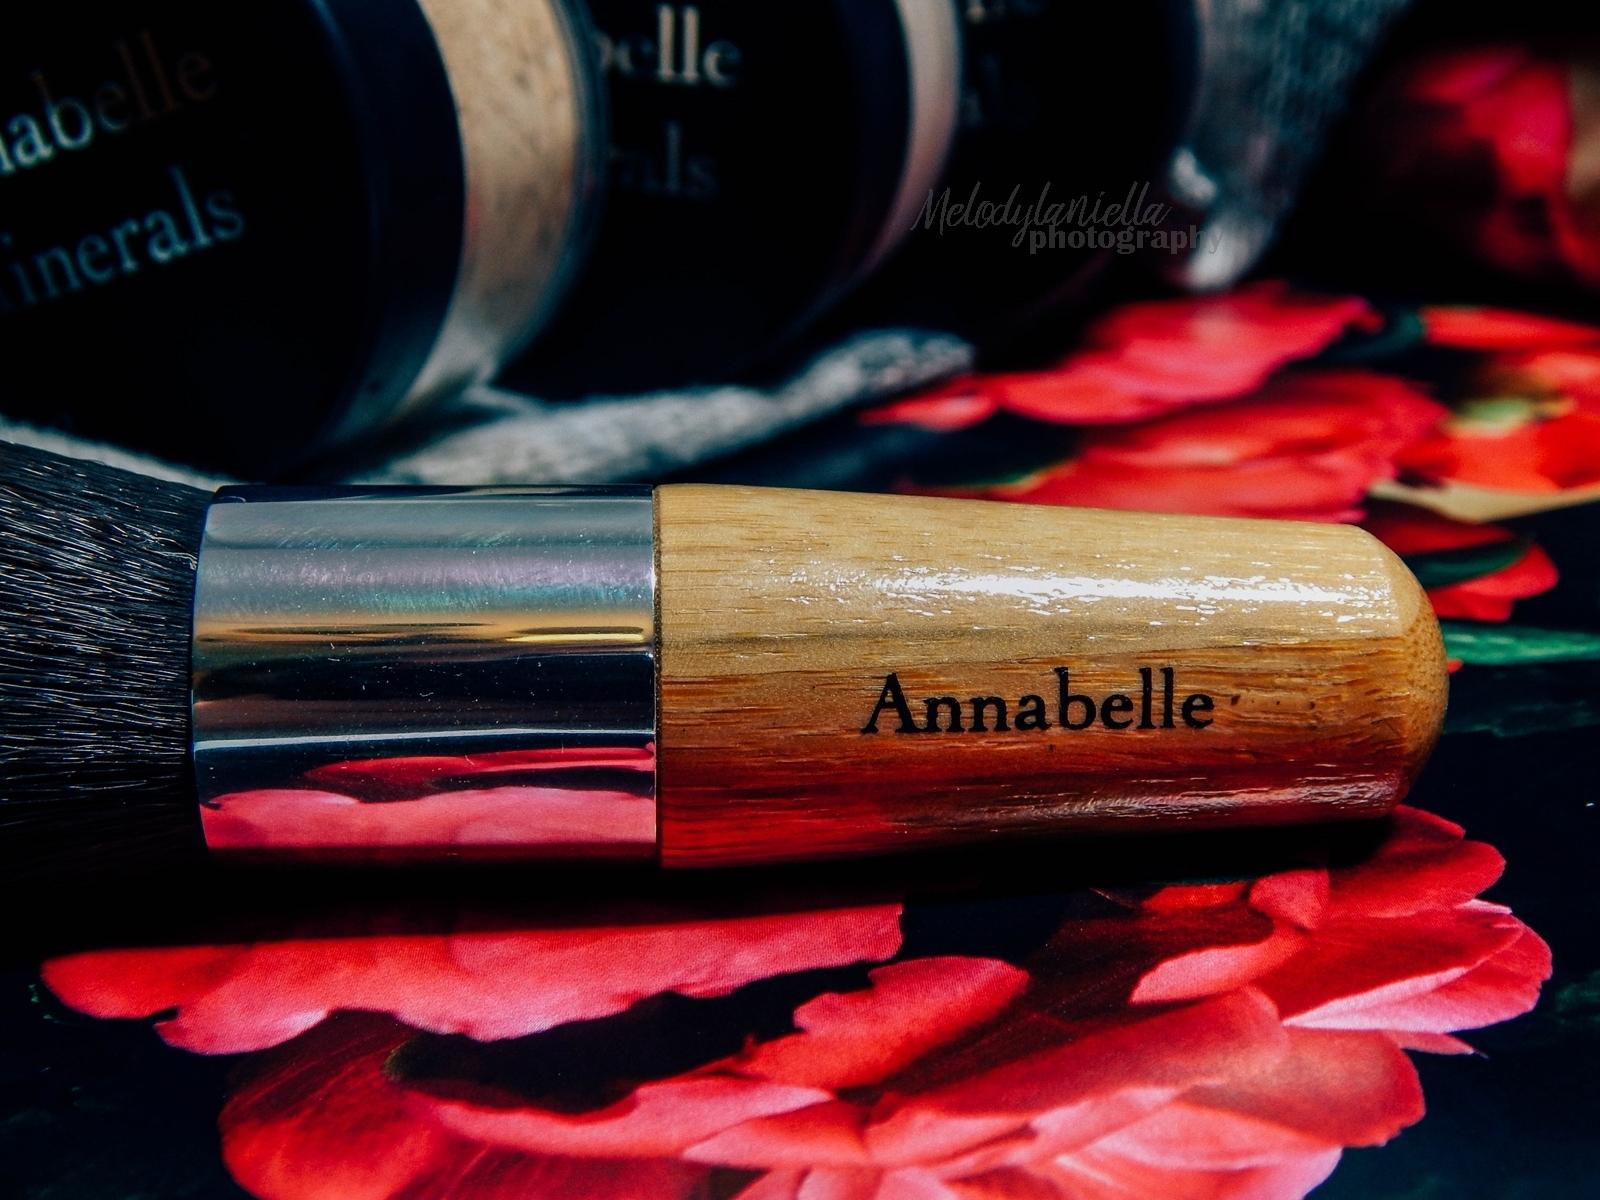 annabelle minerals kosmetyki mineralne zestaw matujący korektor podkład róż gratis pędzel jak używać kosmetyków mineralnych recenzja melodylaniella pędzel